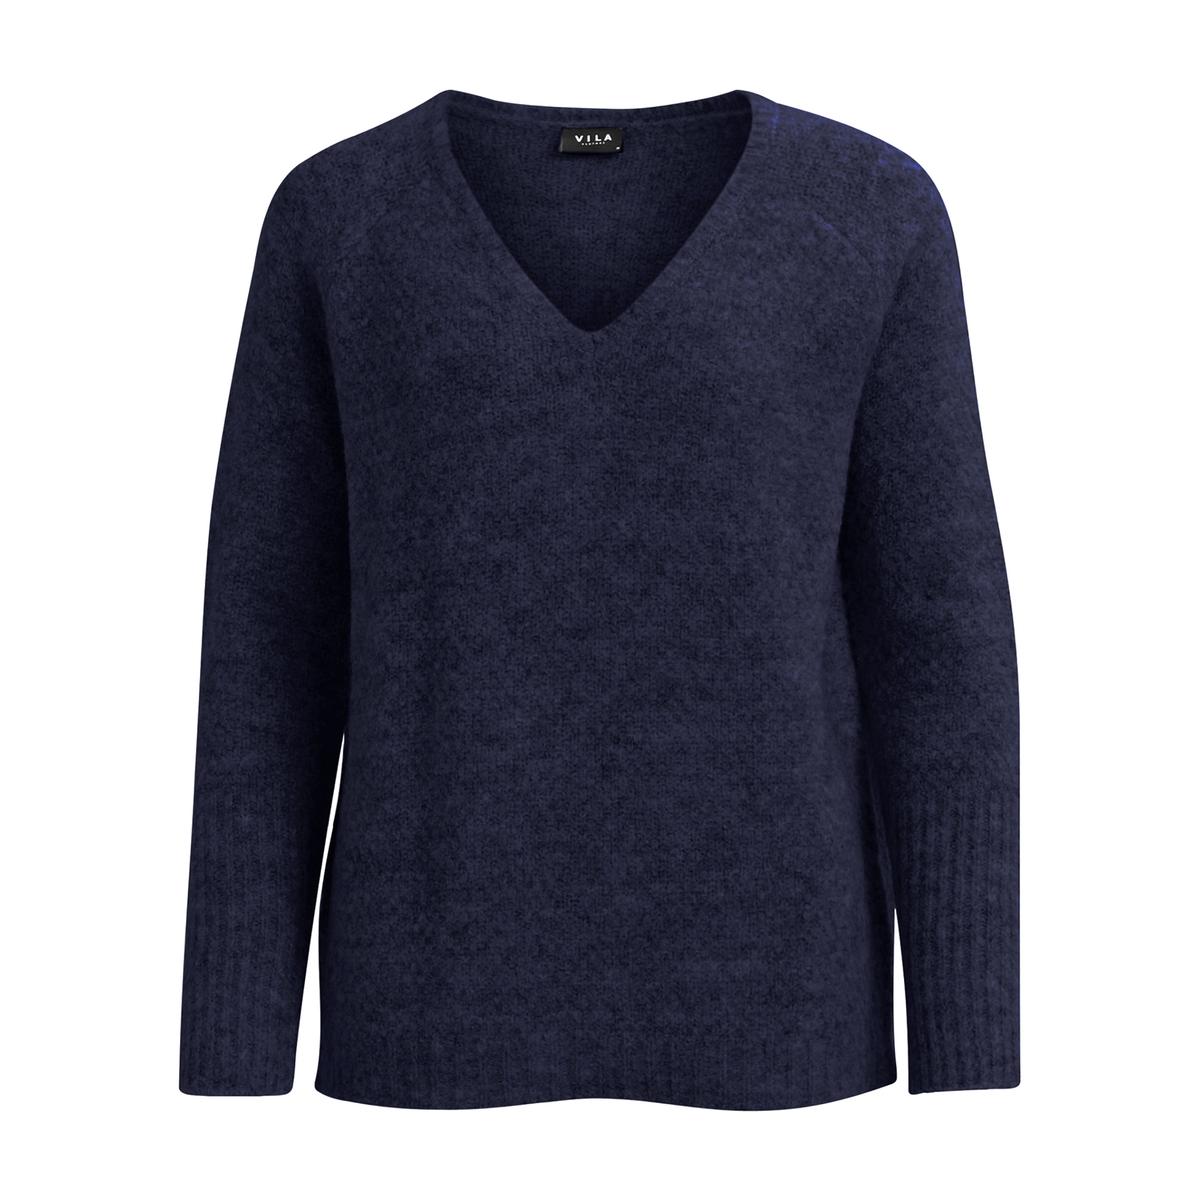 Пуловер с V-образным вырезом из тонкого трикотажа пуловер из вязаного трикотажа с v образным воротником